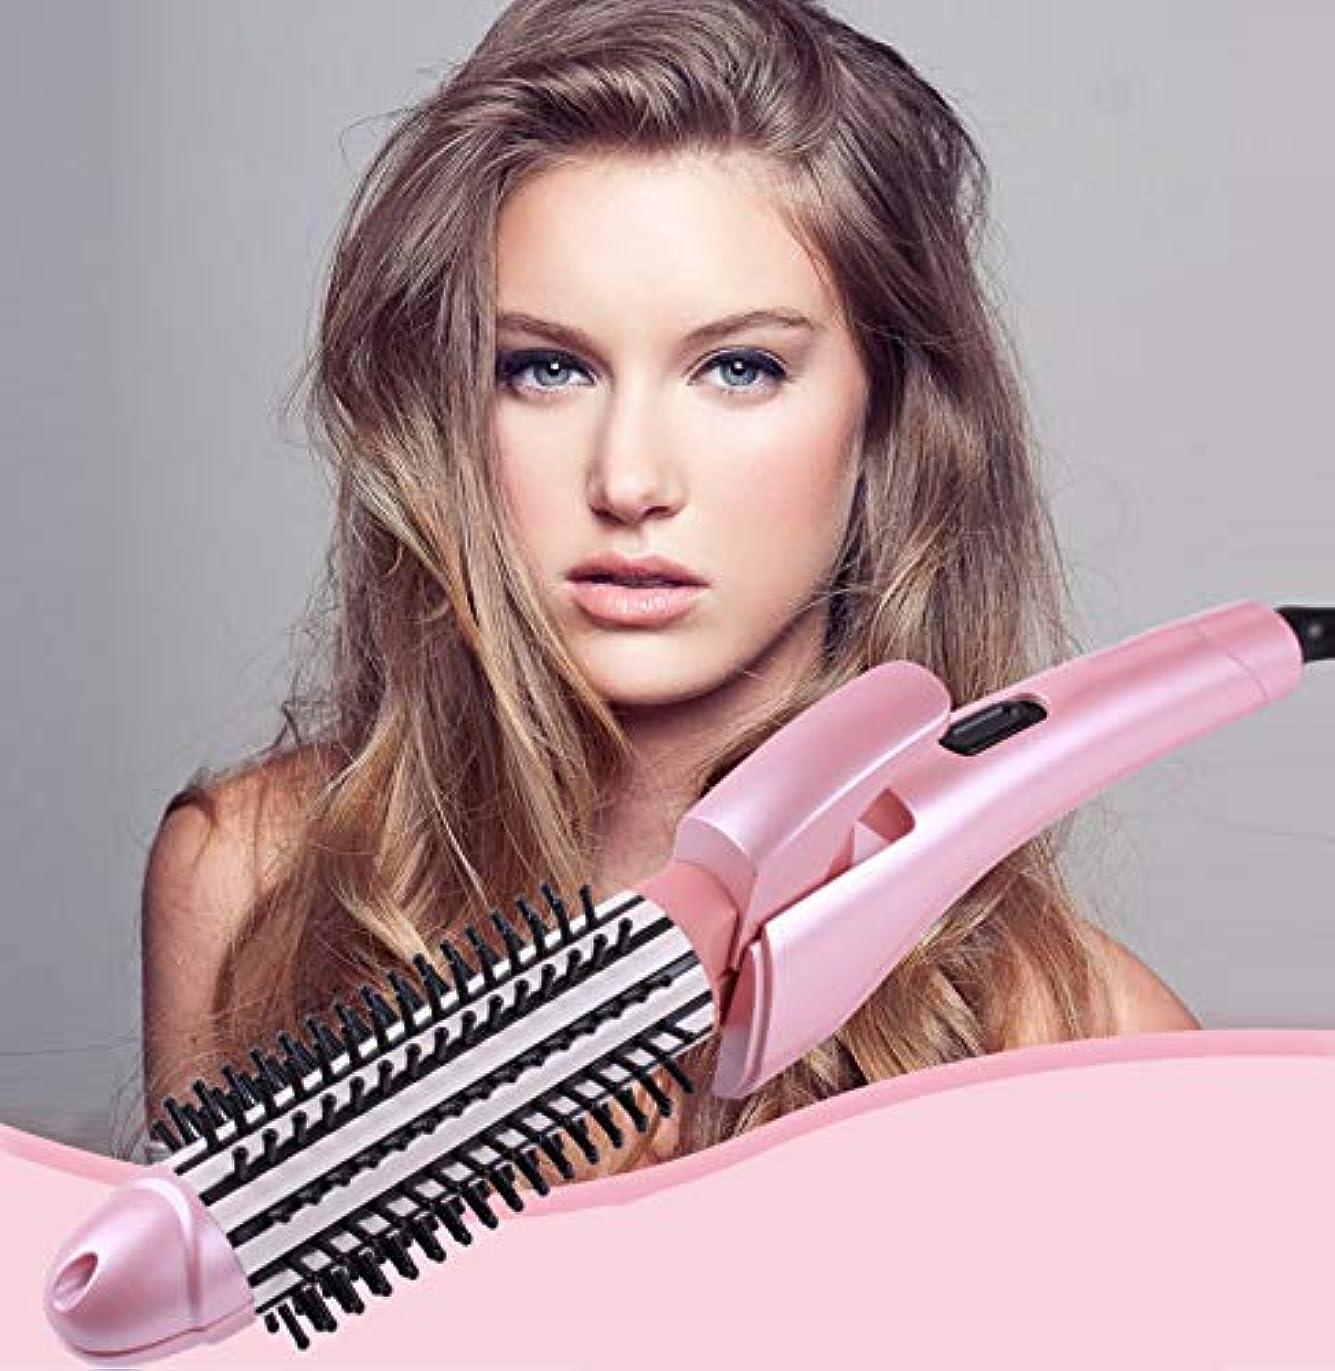 マーキー守るどきどき折りたたみ調整ミニポータブルベルト2 in 1巻き毛くしストレートヘアスティック(ピンク)